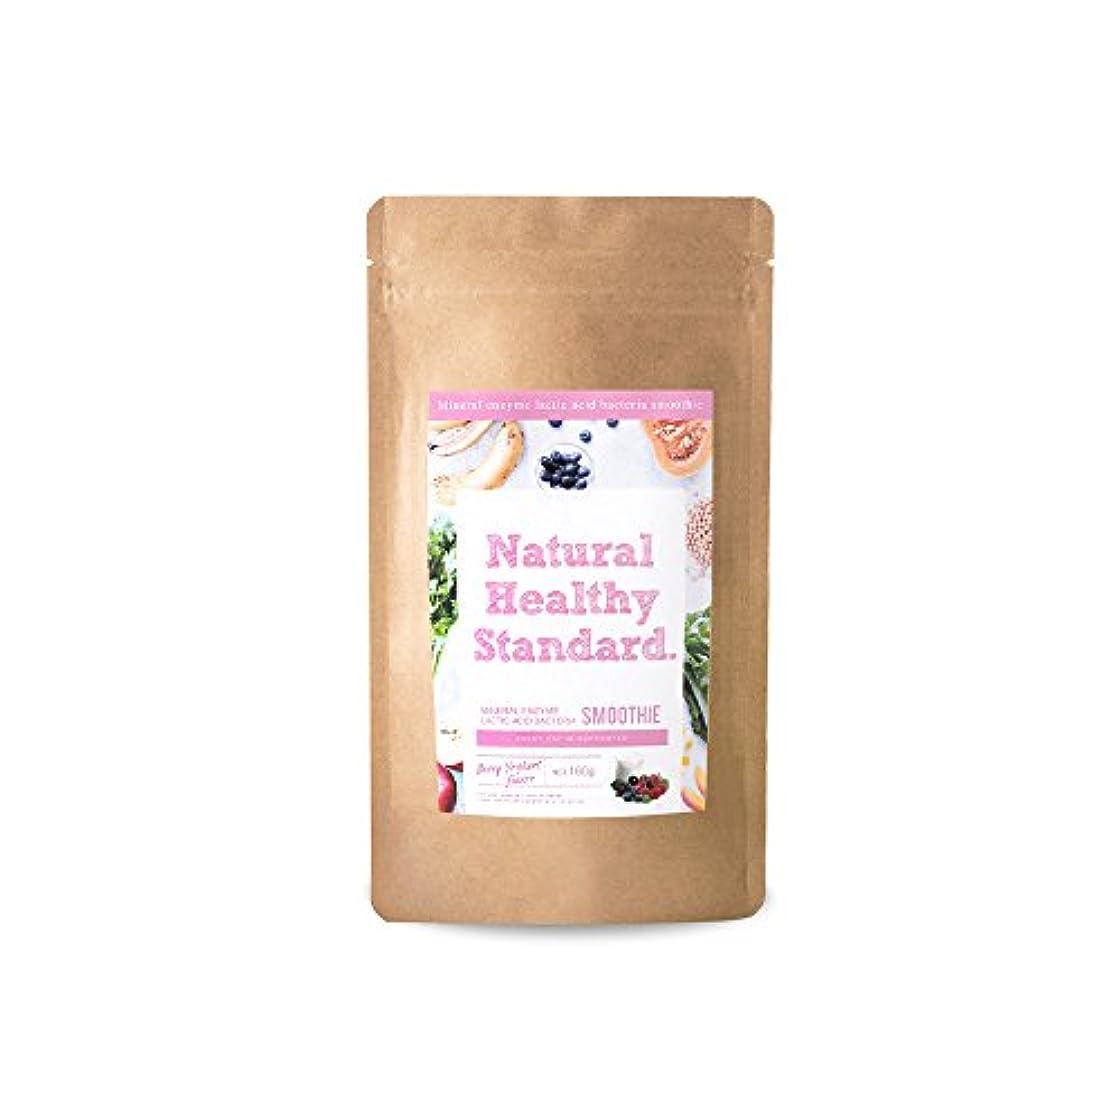 代数聴く伝統的Natural Healthy Standard. ミネラル酵素スムージー乳酸菌ベリーヨーグルト味 160g